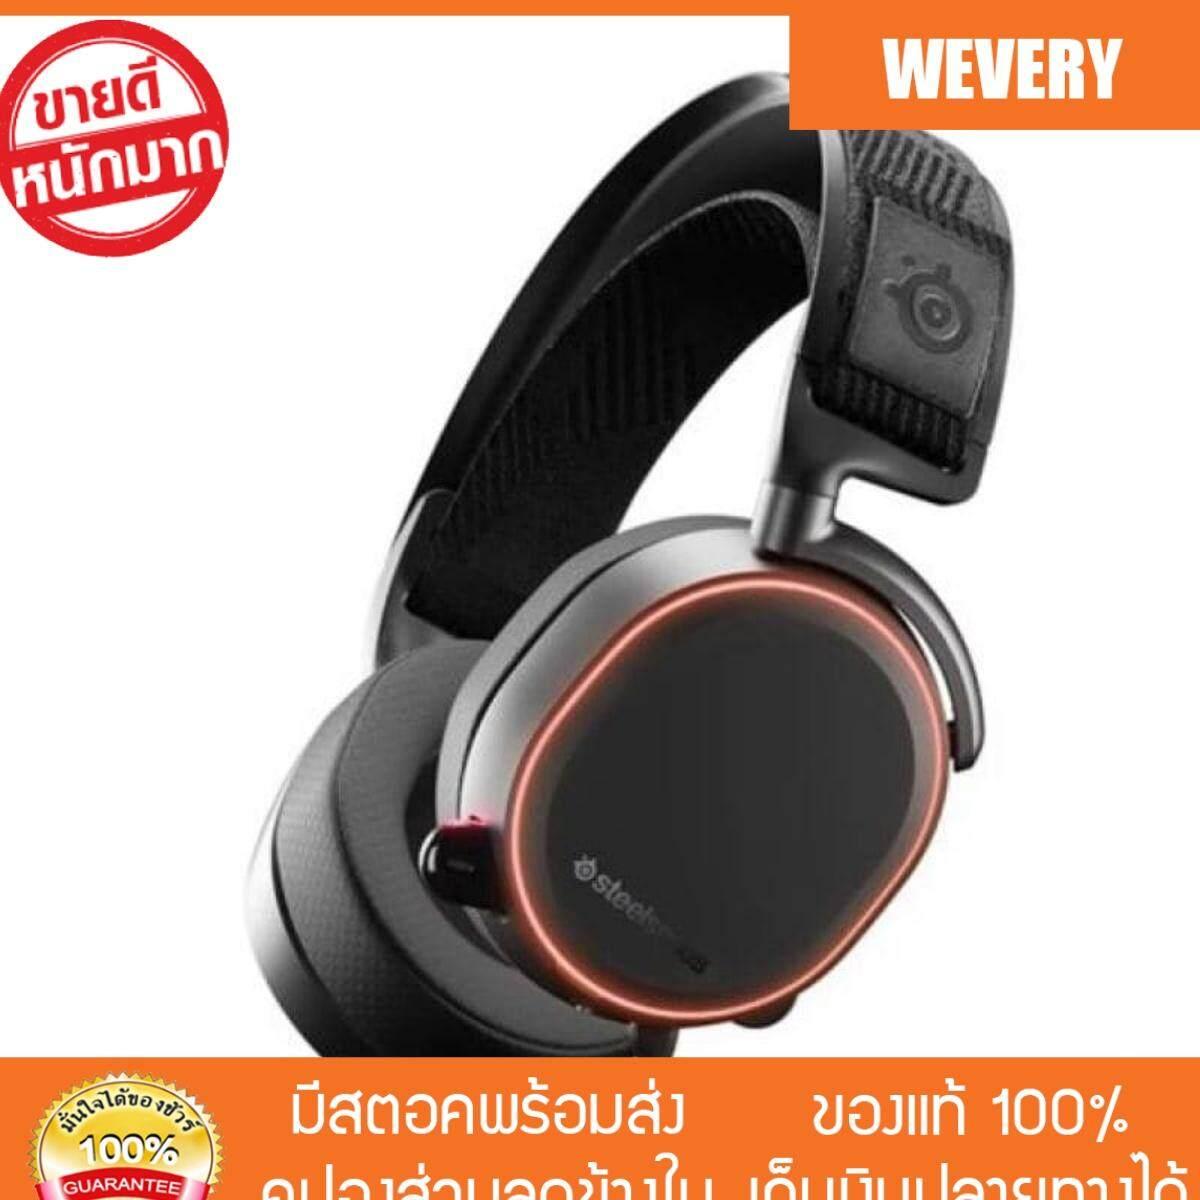 เก็บเงินปลายทางได้ [Wevery] Steelseries Arctis Pro headphone gaming หูฟังเกมมิ่ง หูฟังครอบหู หูฟังสำหรับคอม หูฟังแบบครอบ ส่ง Kerry เก็บปลายทางได้